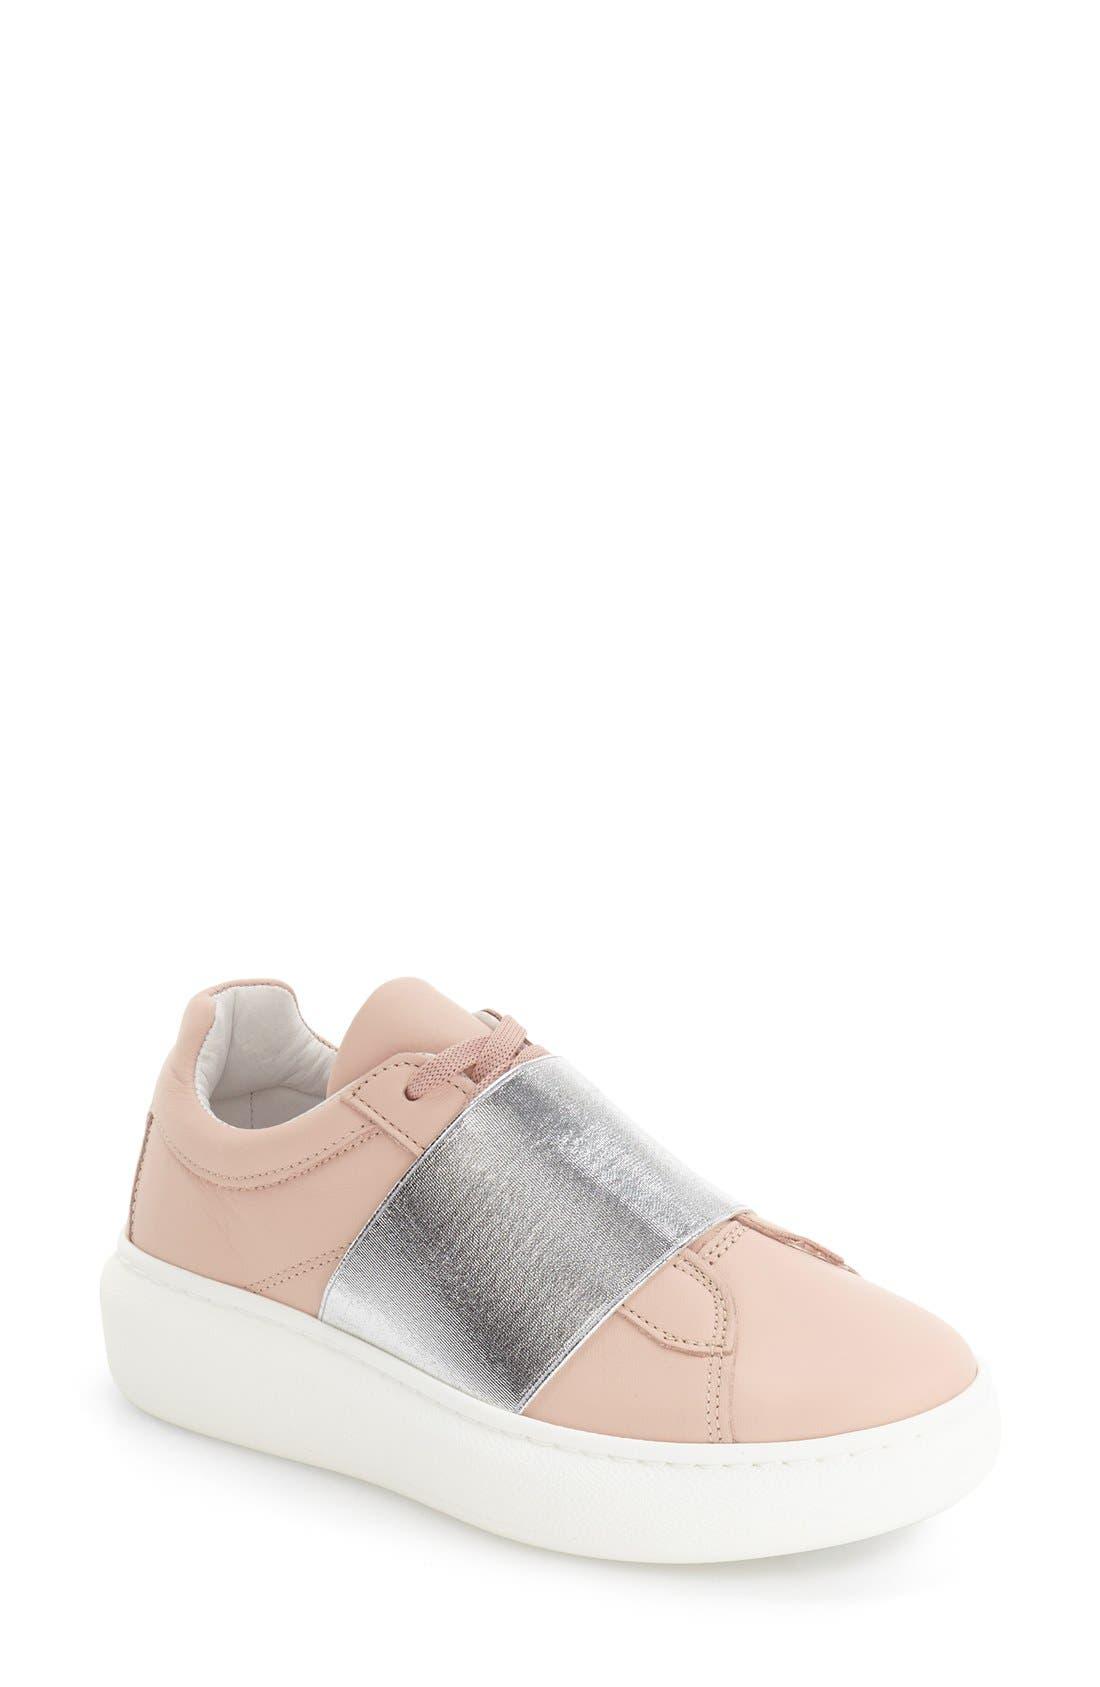 Topshop Turin Metallic Strap Platform Sneaker (Women)